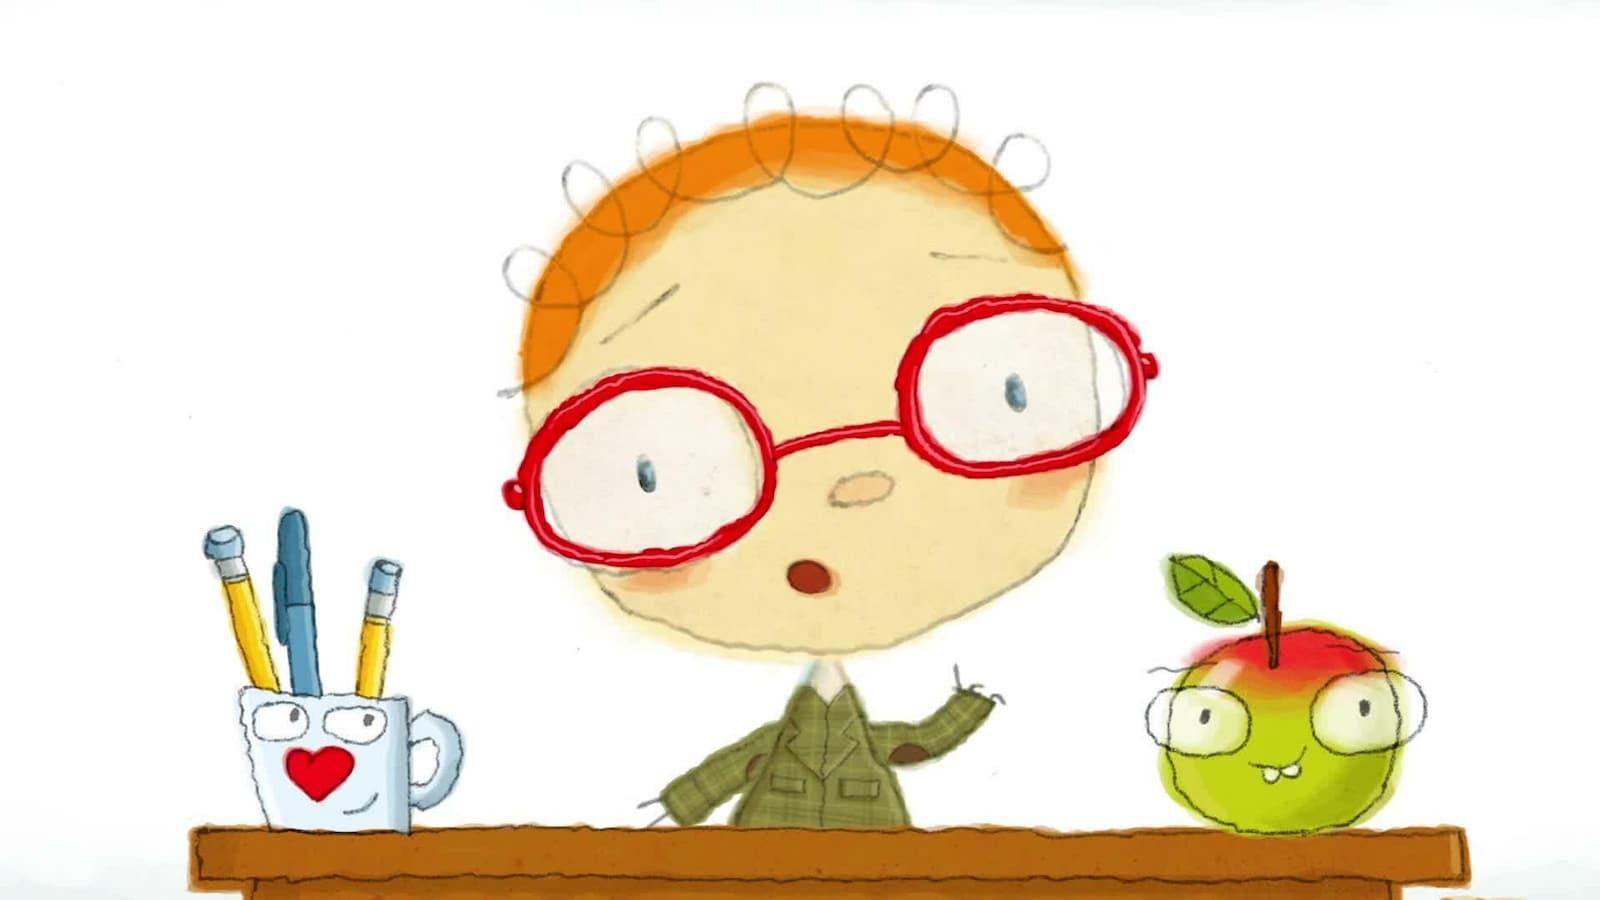 12. Päivä, jolloin Henry tapasi... omenan